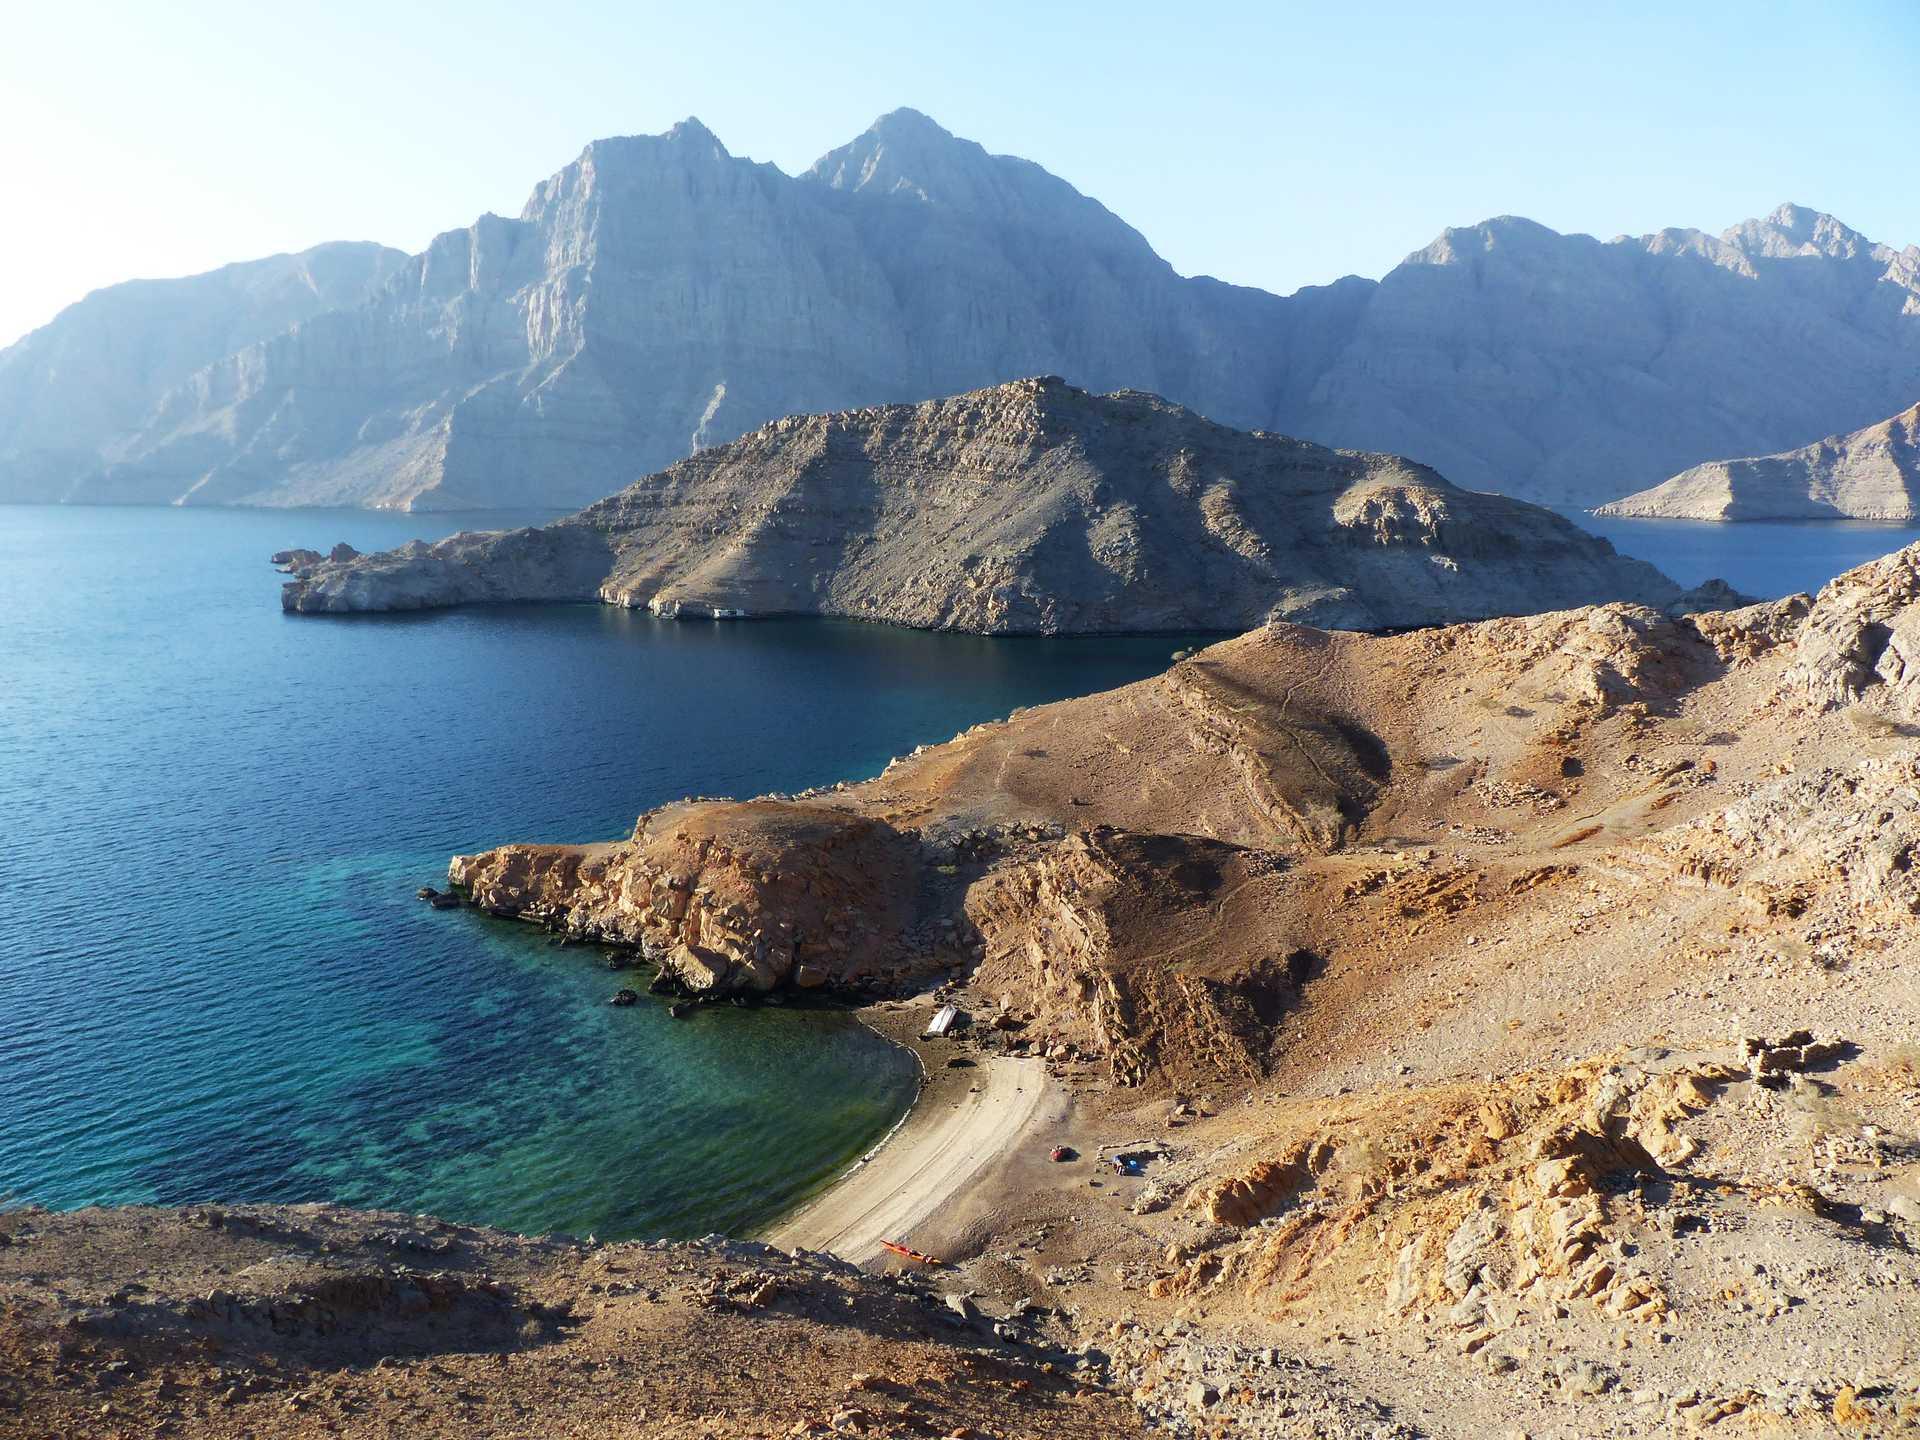 Plage de Karakir, Musandam, Oman